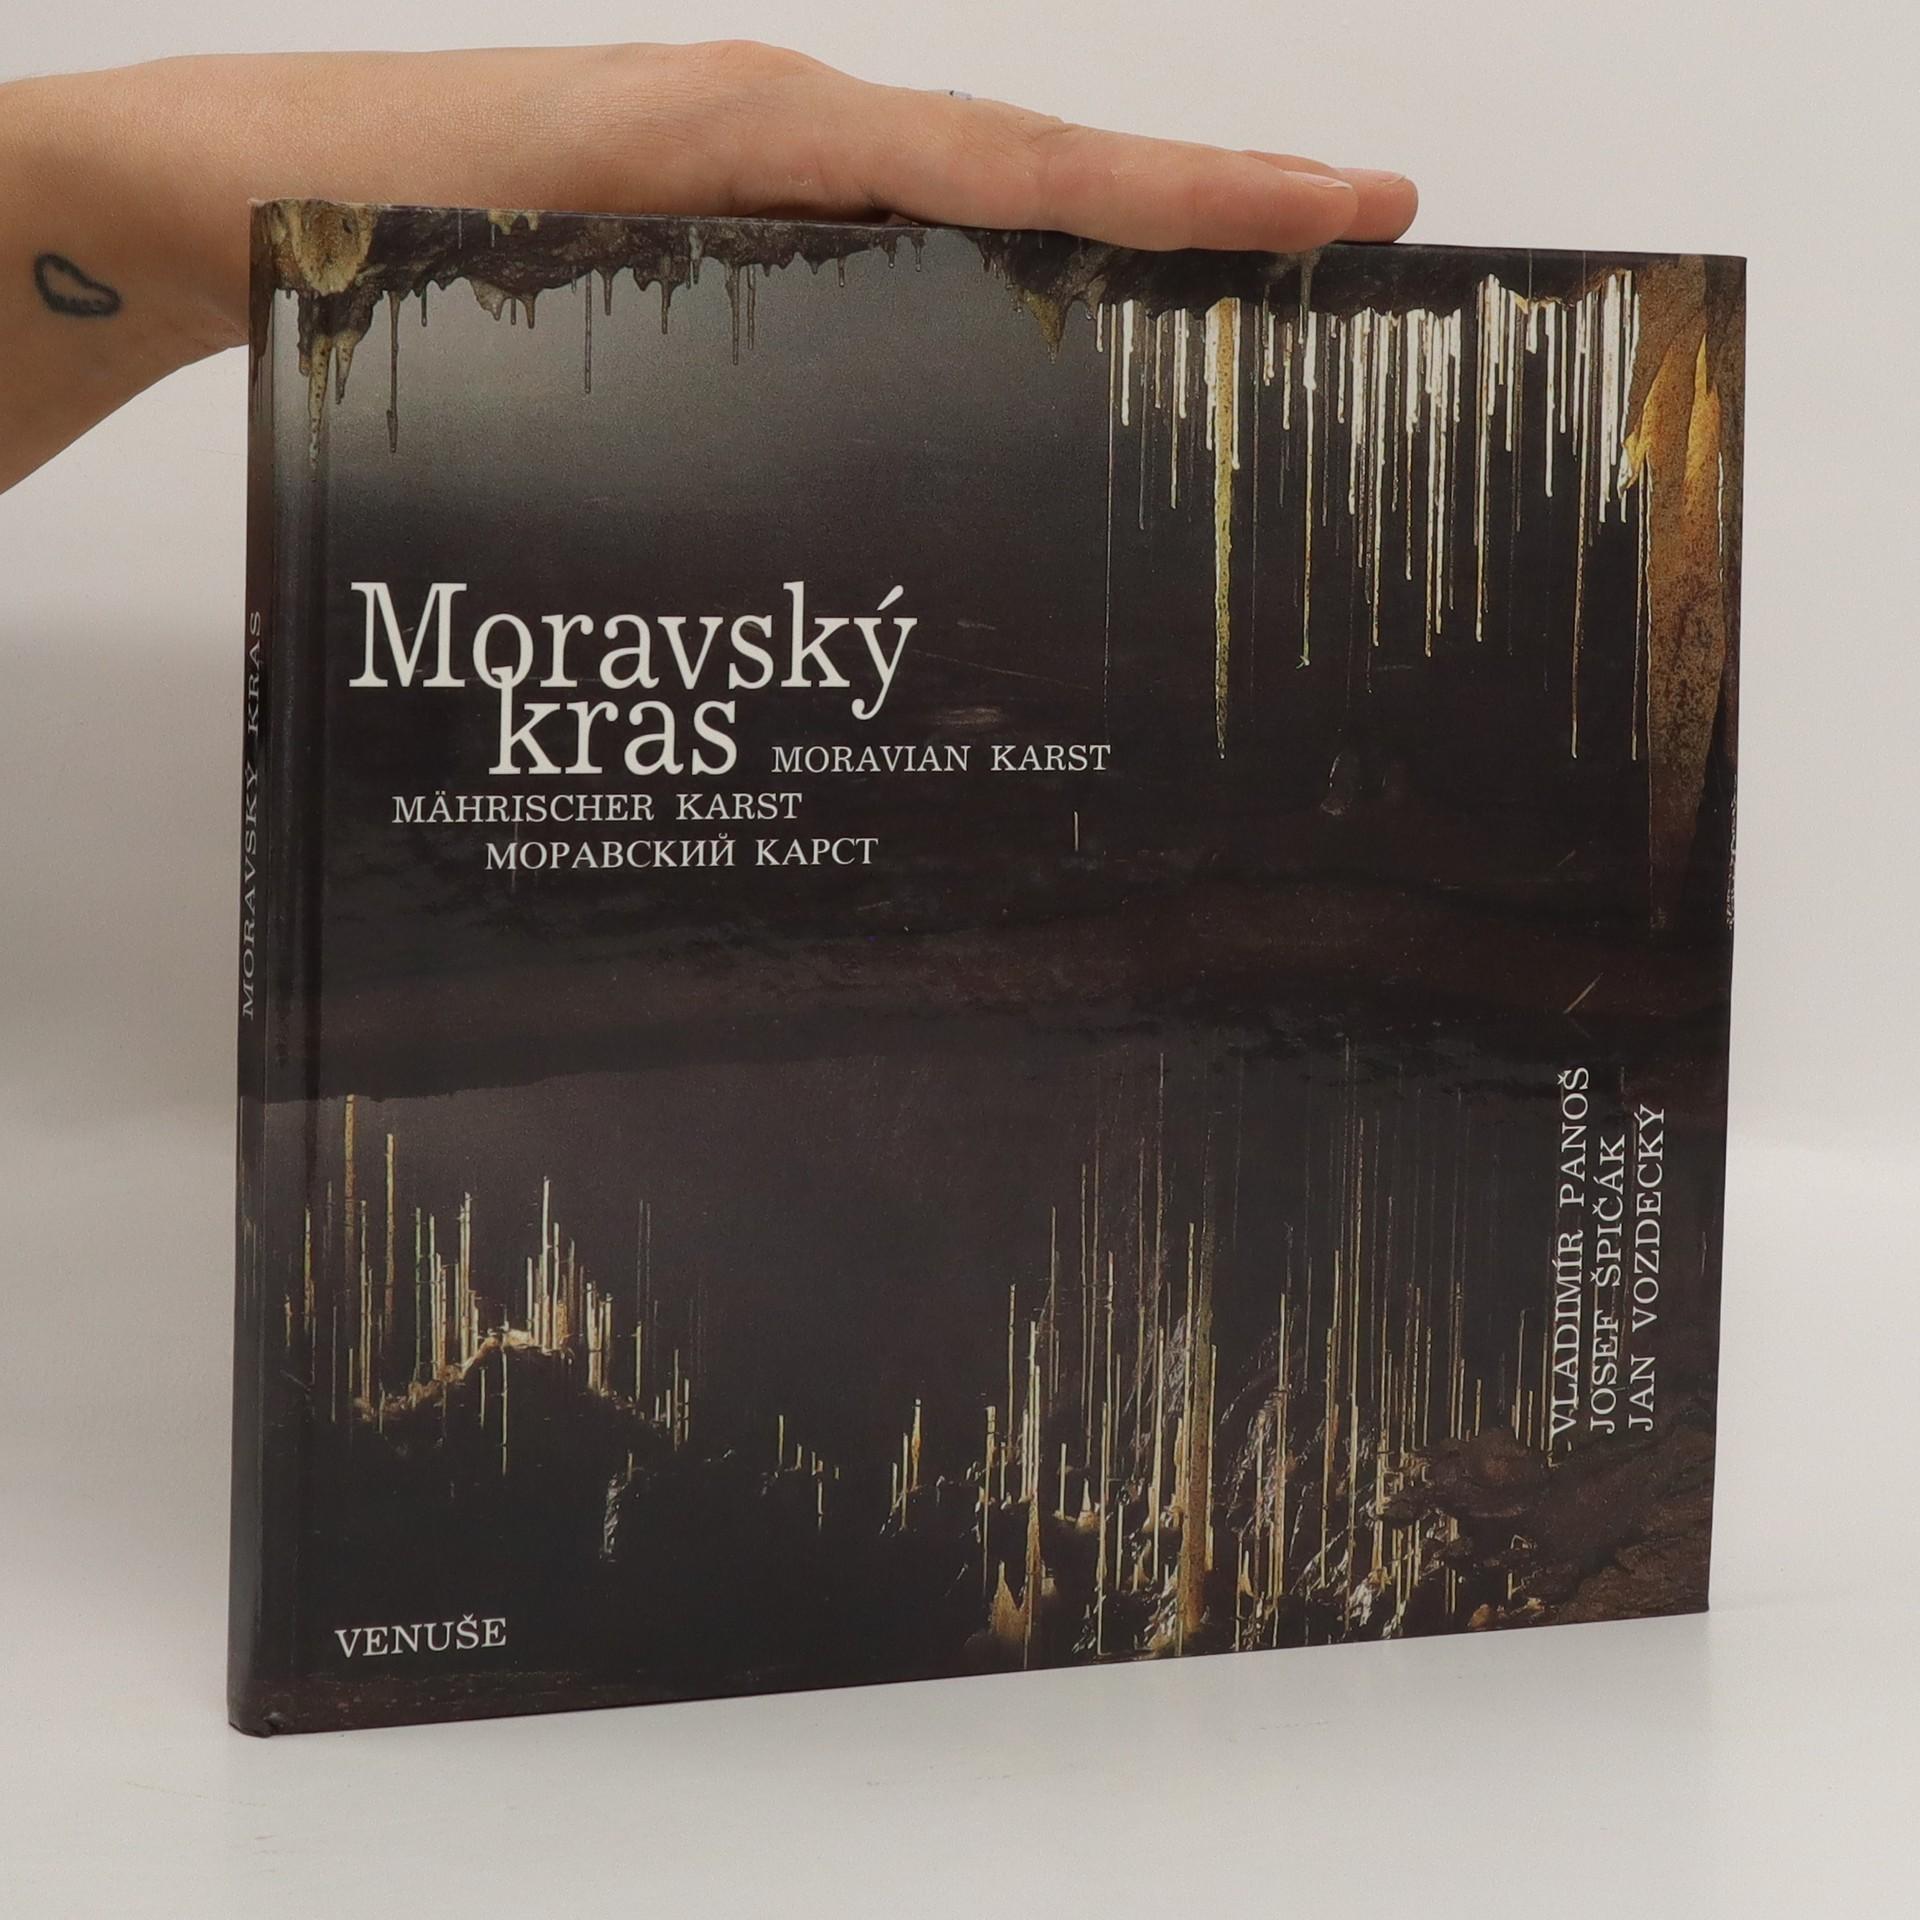 antikvární kniha Moravský kras, 1992